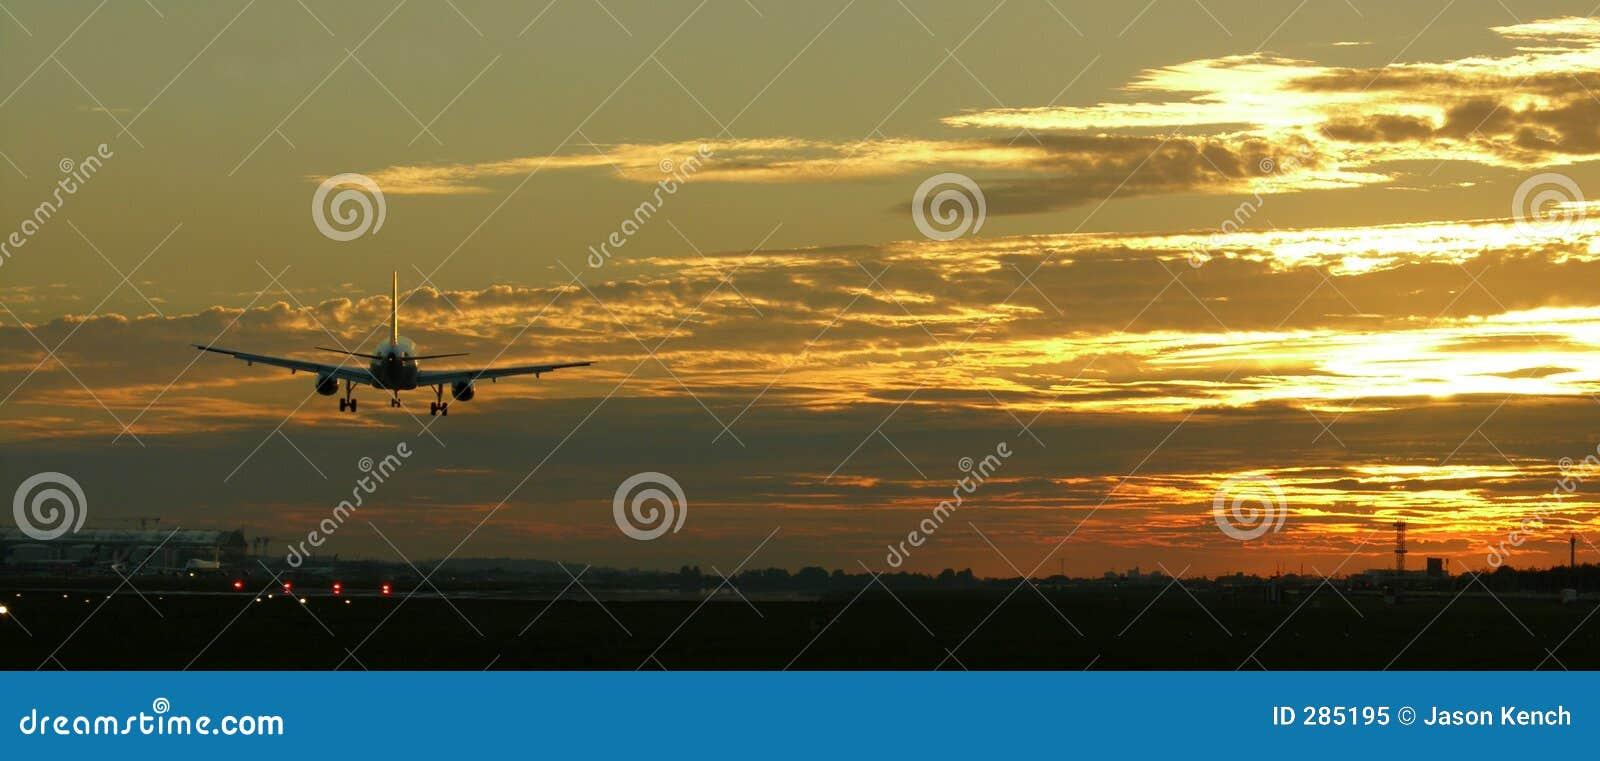 Het Landen van vliegtuigen